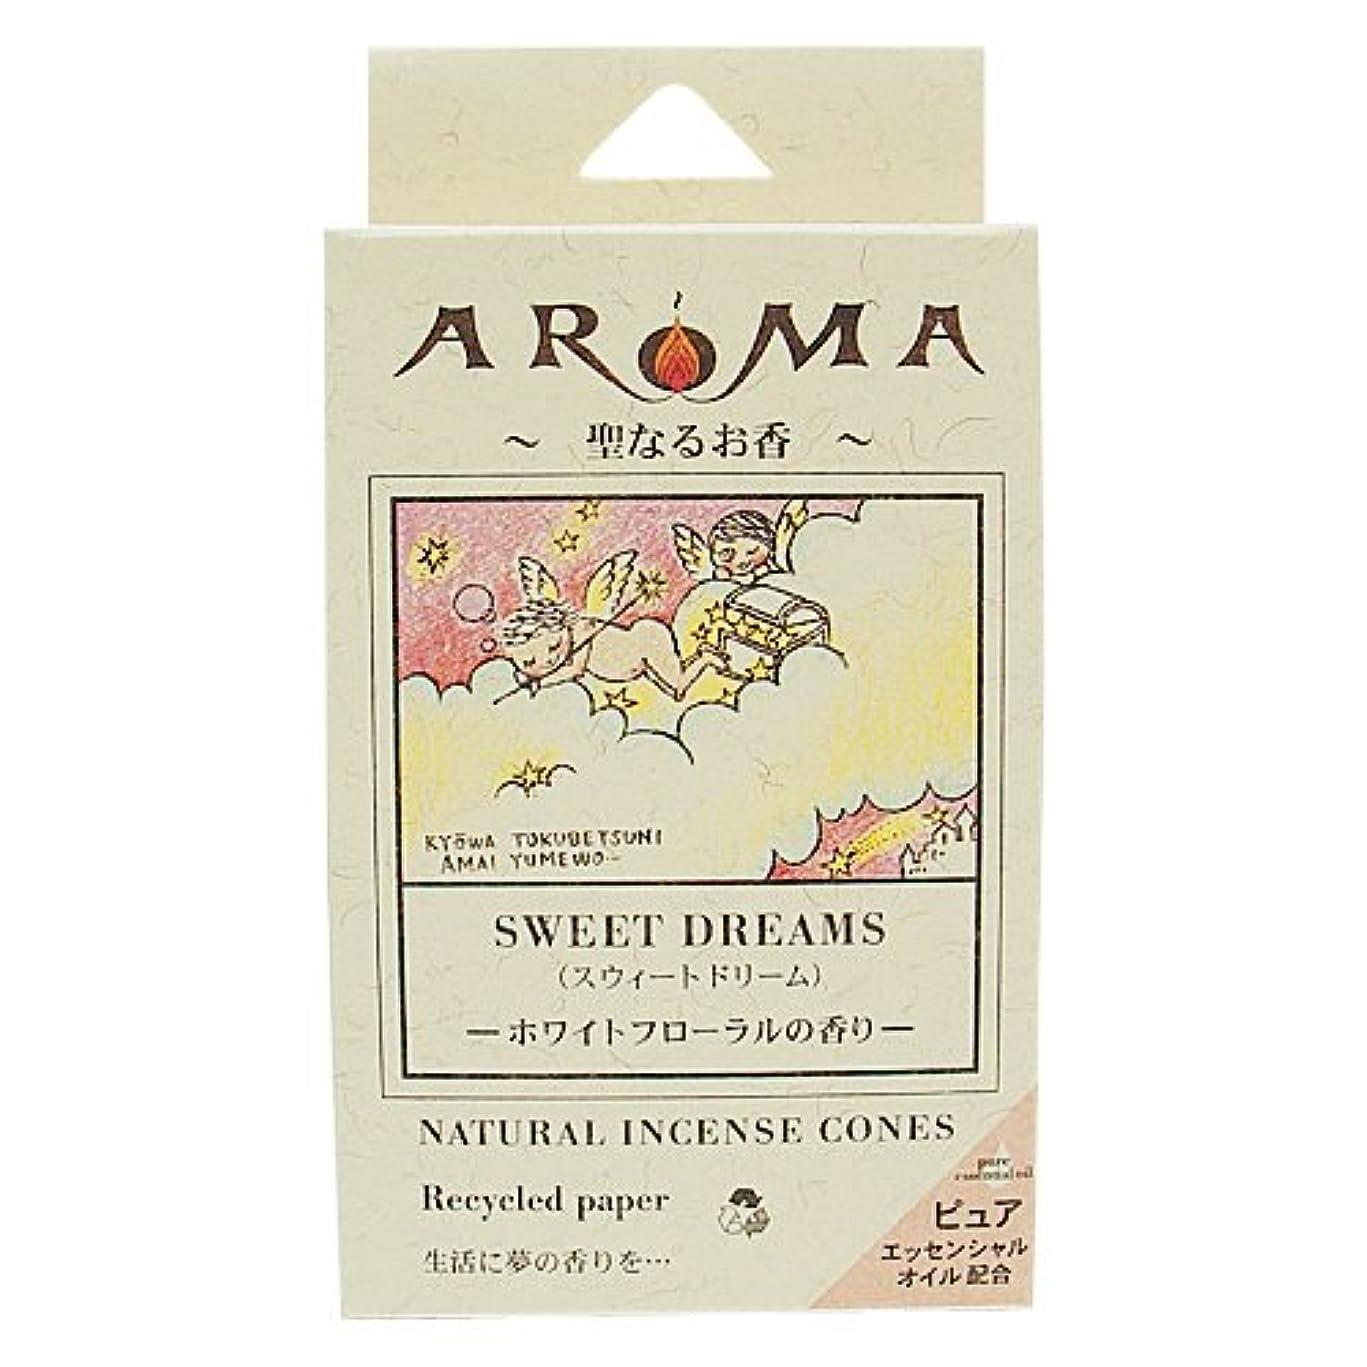 トランザクション細部細分化するアロマ香 スウィートドリーム 16粒(コーンタイプインセンス 1粒の燃焼時間約20分 ホワイトフローラルの香り)